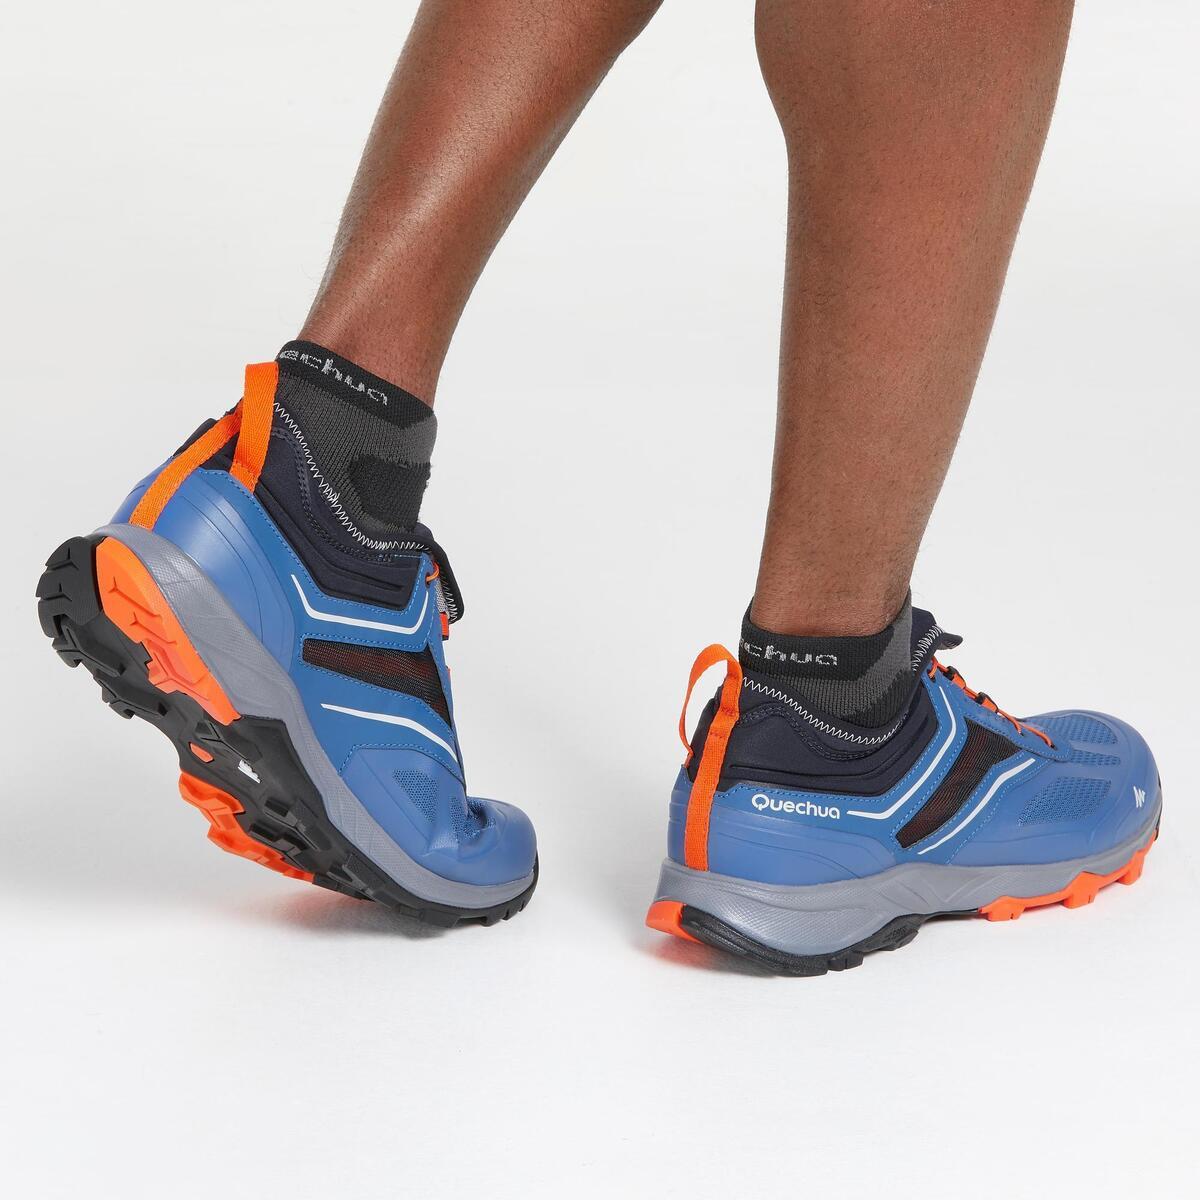 Bild 5 von Wanderschuhe Speed Hiking FH500 Helium Herren blau/orange